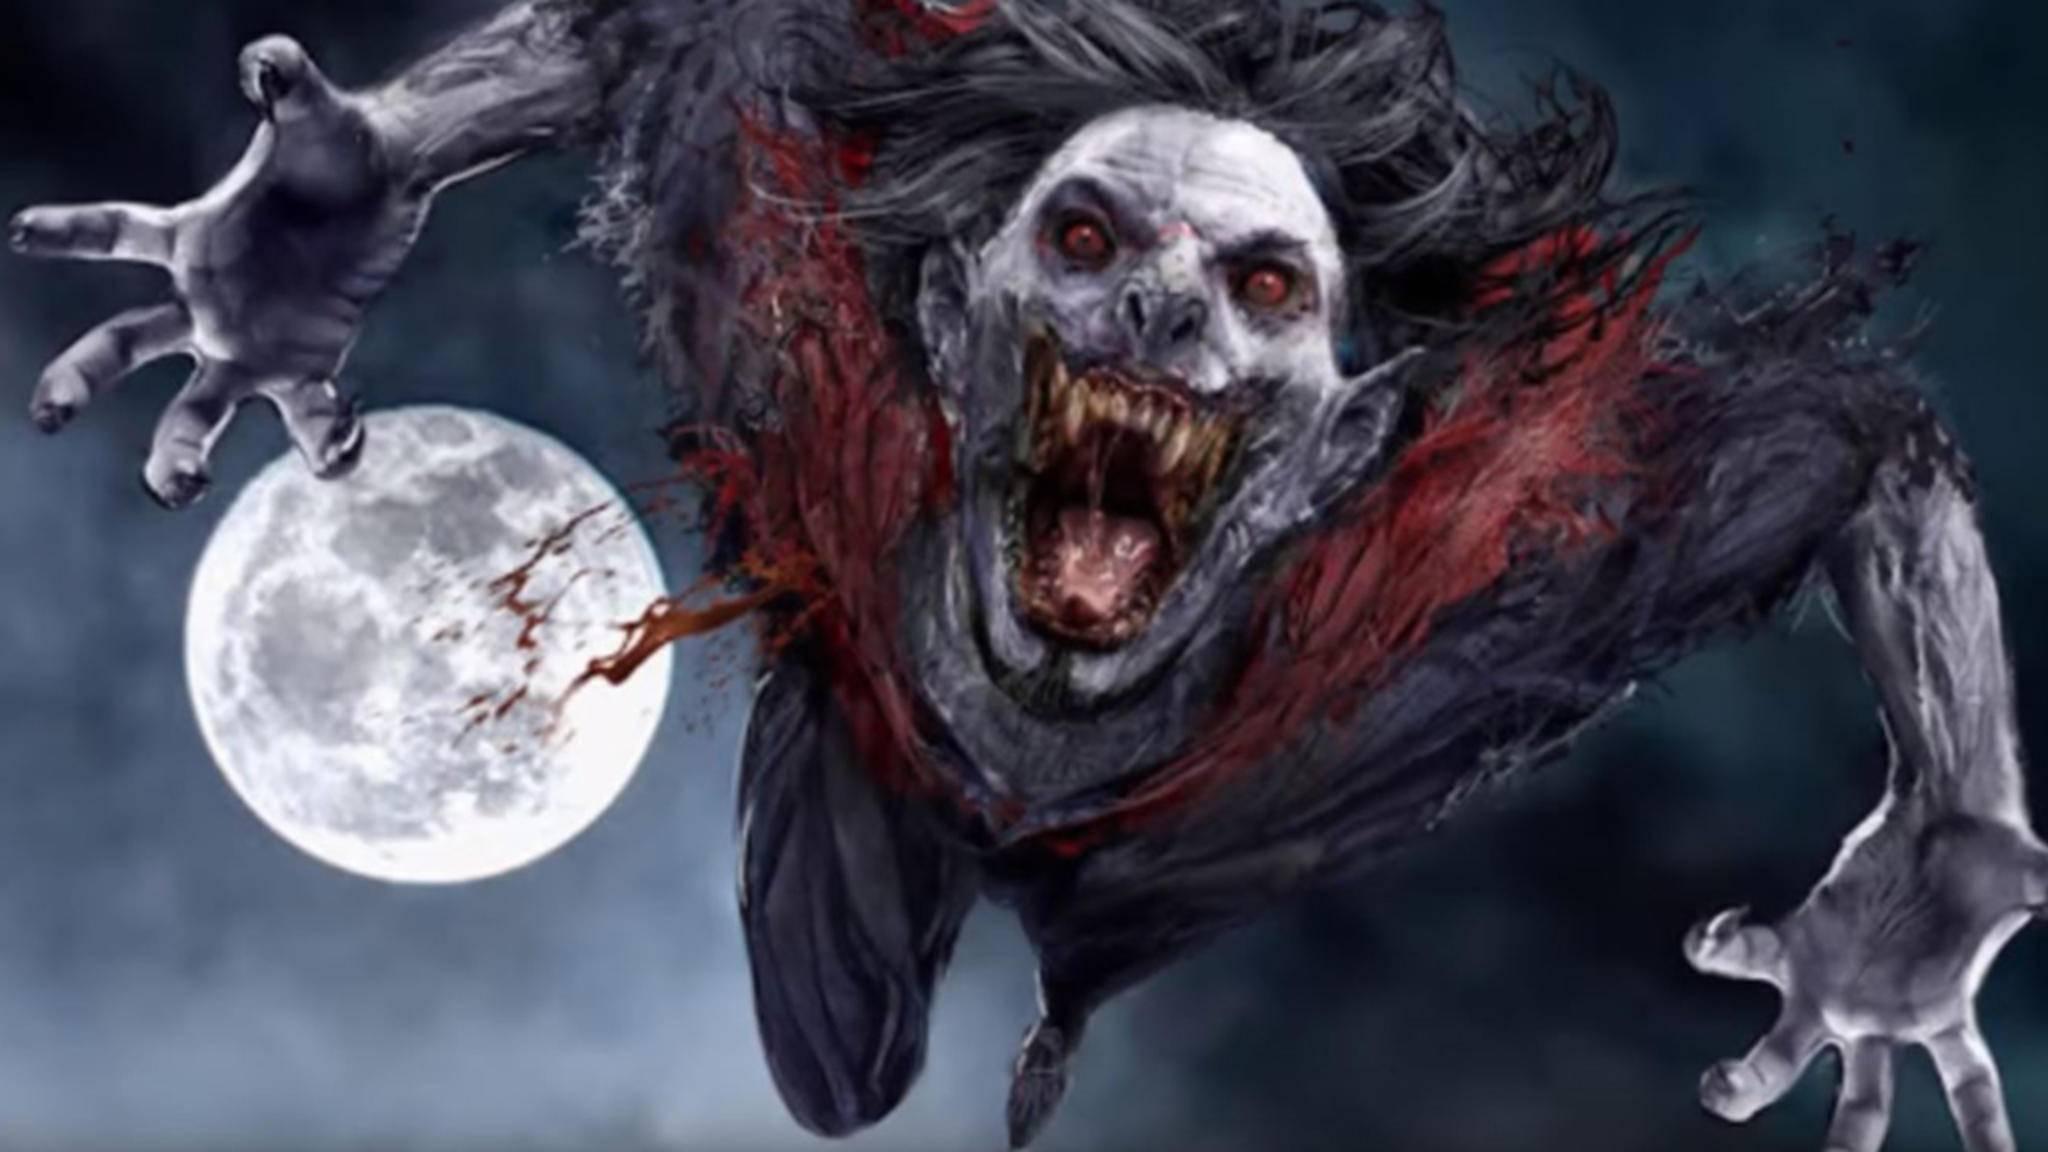 Diese Nachricht dürfte das Blut der Marvel-Fans in Wallung bringen: Morbius, der lebende Vampir, wagt den Sprung auf die Leinwand.